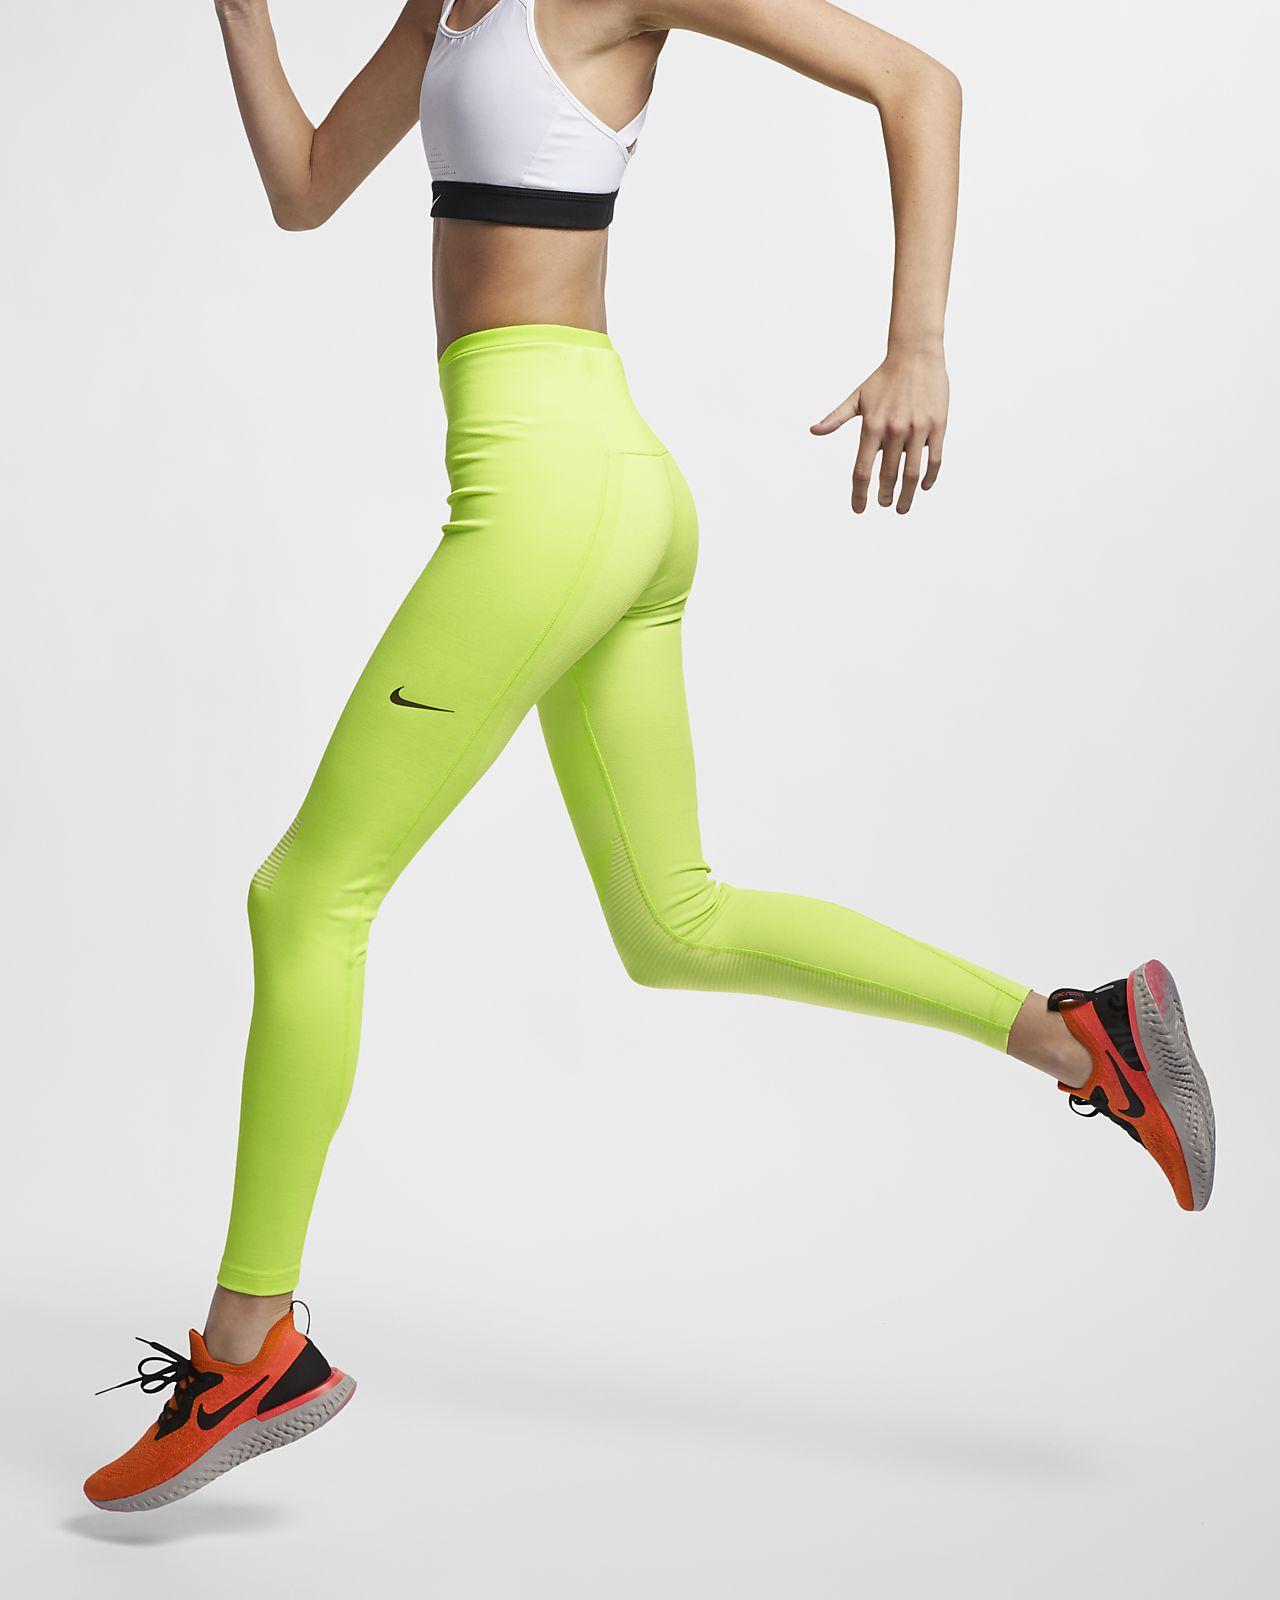 Nike Tech testhezálló női futónadrág